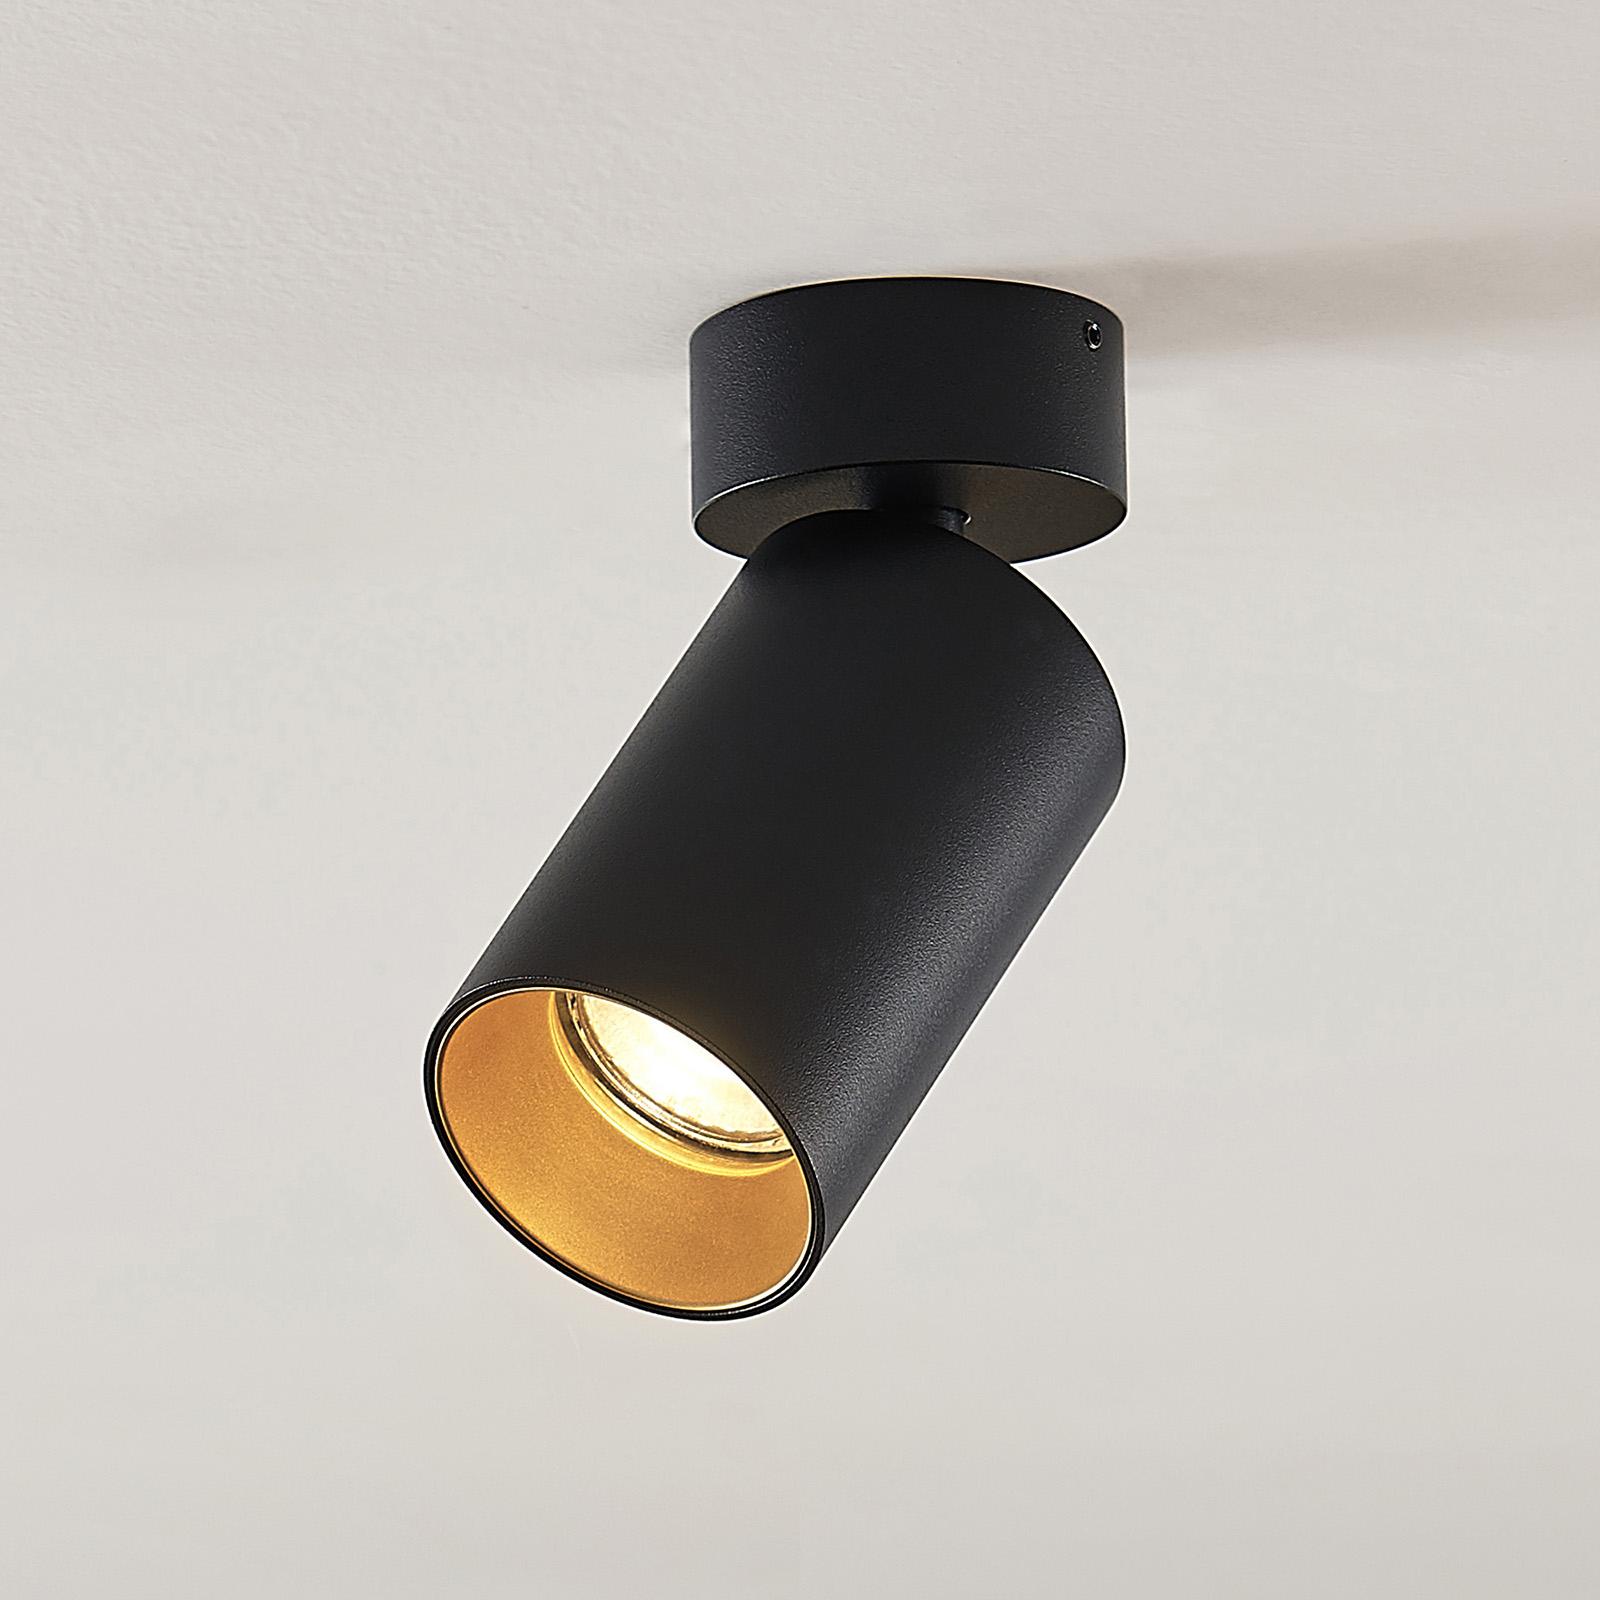 Arcchio Brinja-spotti pyöreä musta-kulta, 1 lamppu